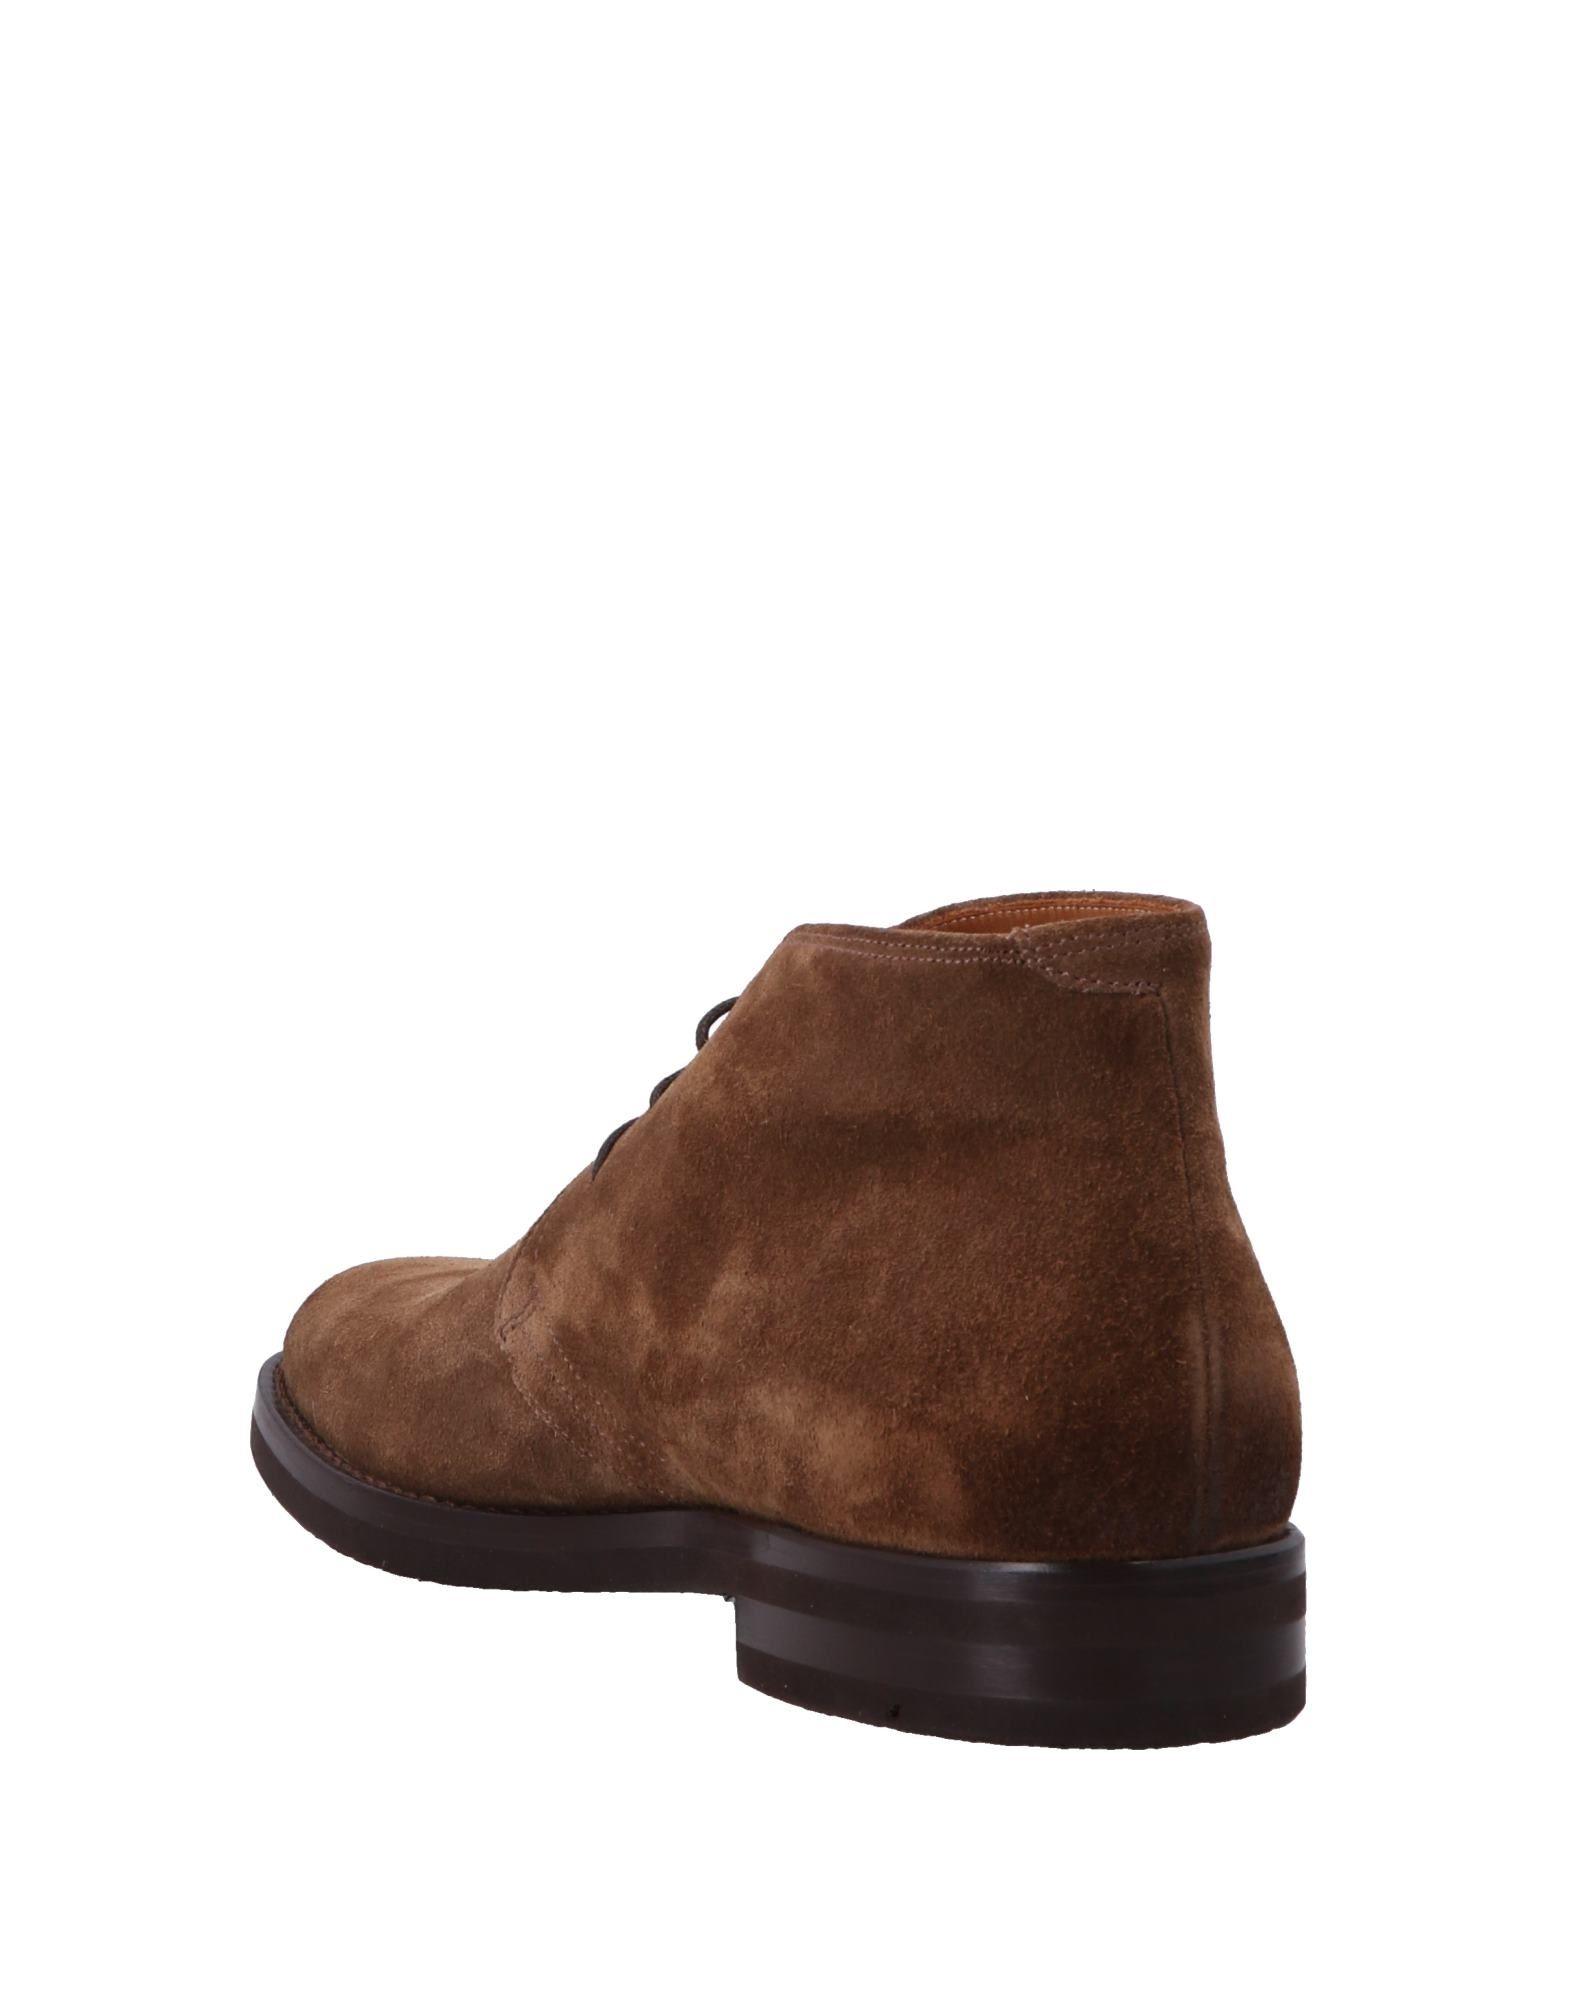 Antonio Maurizi Stiefelette Qualität Herren  11556138FQ Gute Qualität Stiefelette beliebte Schuhe dee352